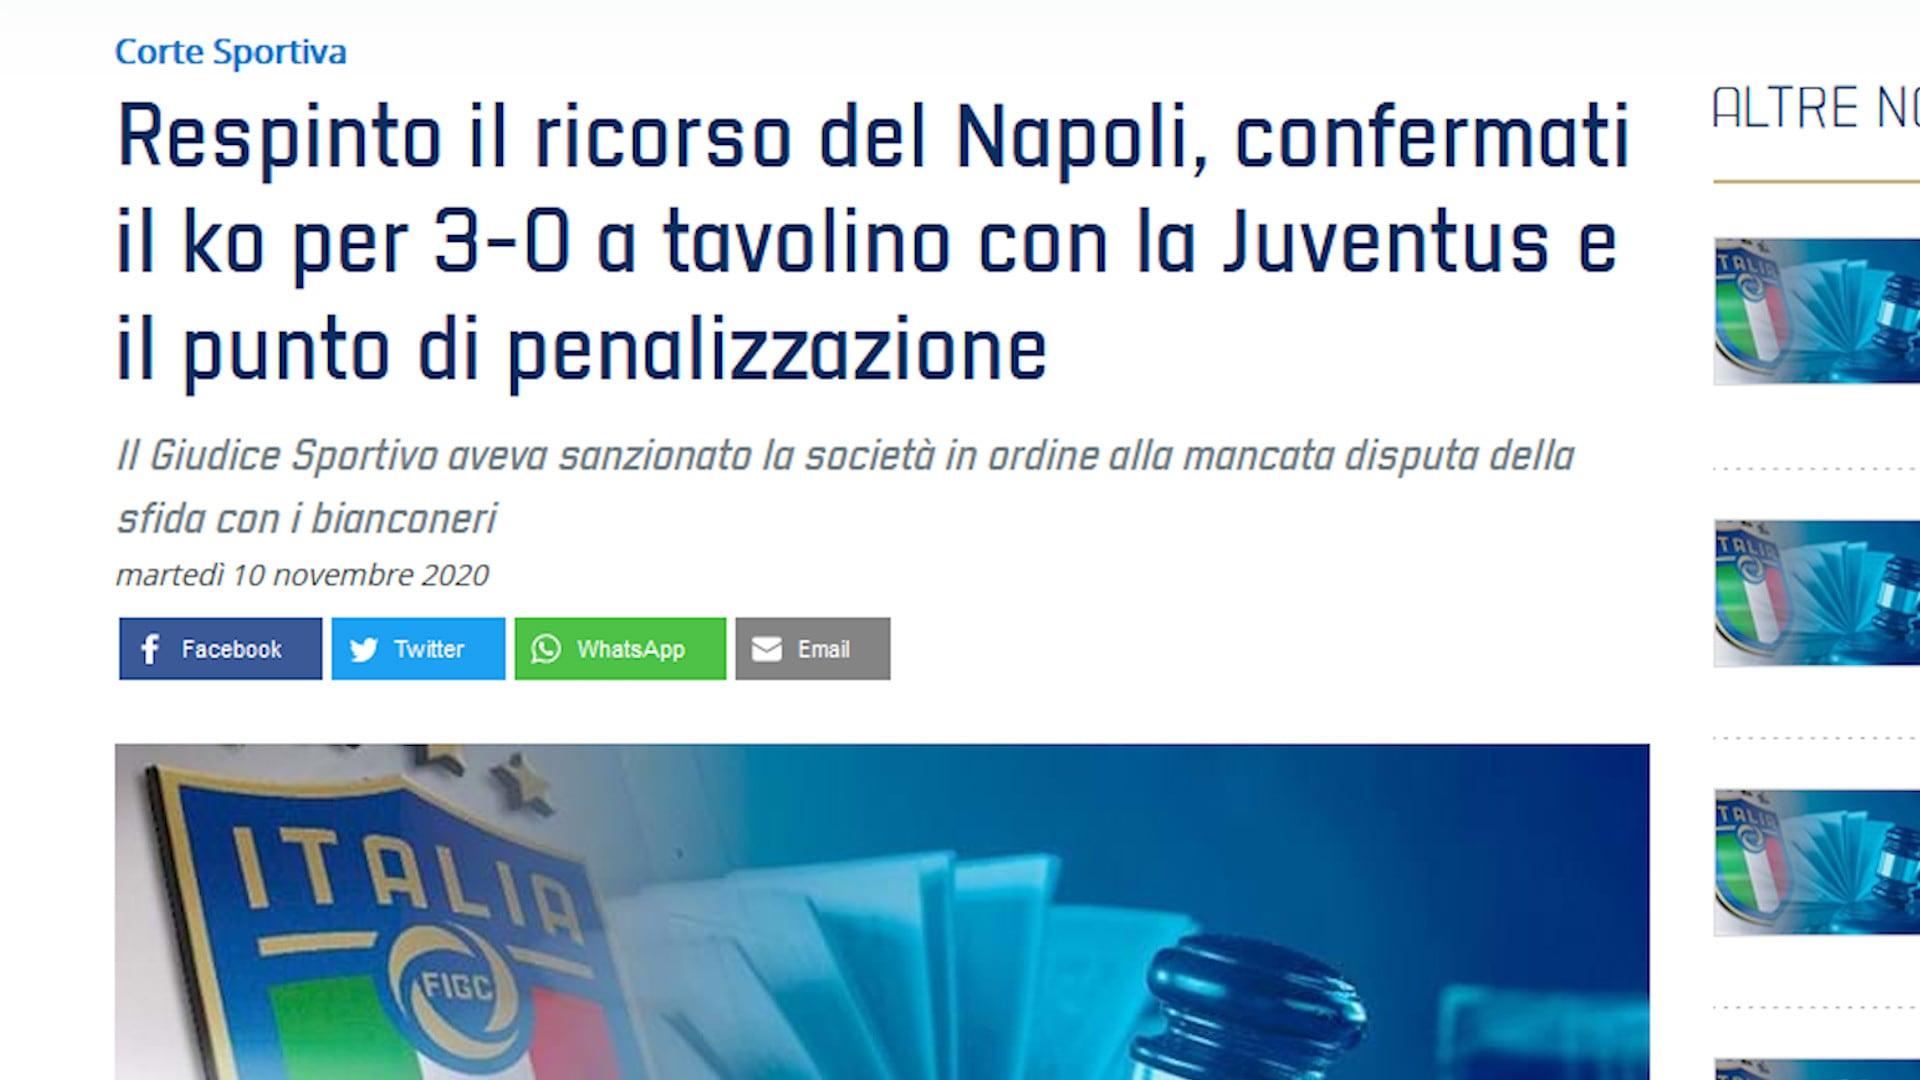 Juve-Napoli, la sentenza: confermato in appello il 3-0 a tavolino